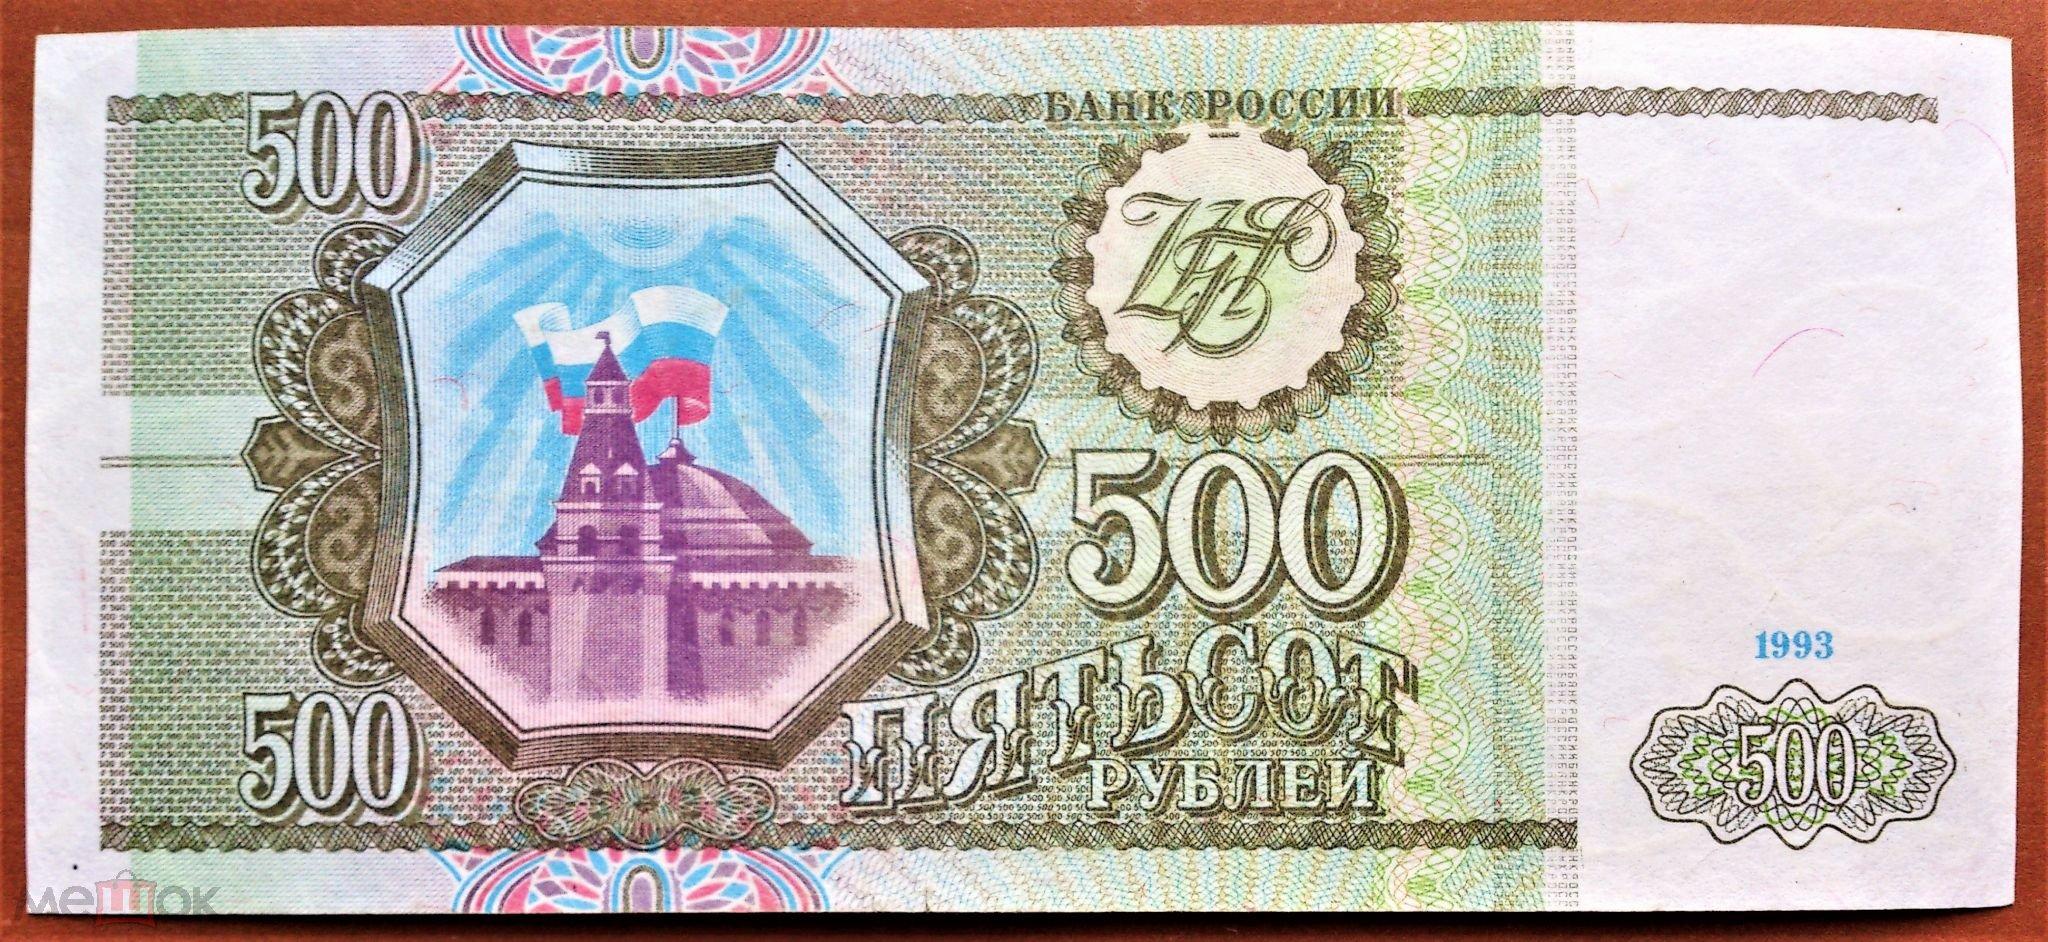 500  РУБЛЕЙ  1993 г.  СЕРАЯ  БУМАГА .  ХОРОШЕЕ  СОСТОЯНИЕ .  ОРИГИНАЛ .  №  ЭВ 6178983